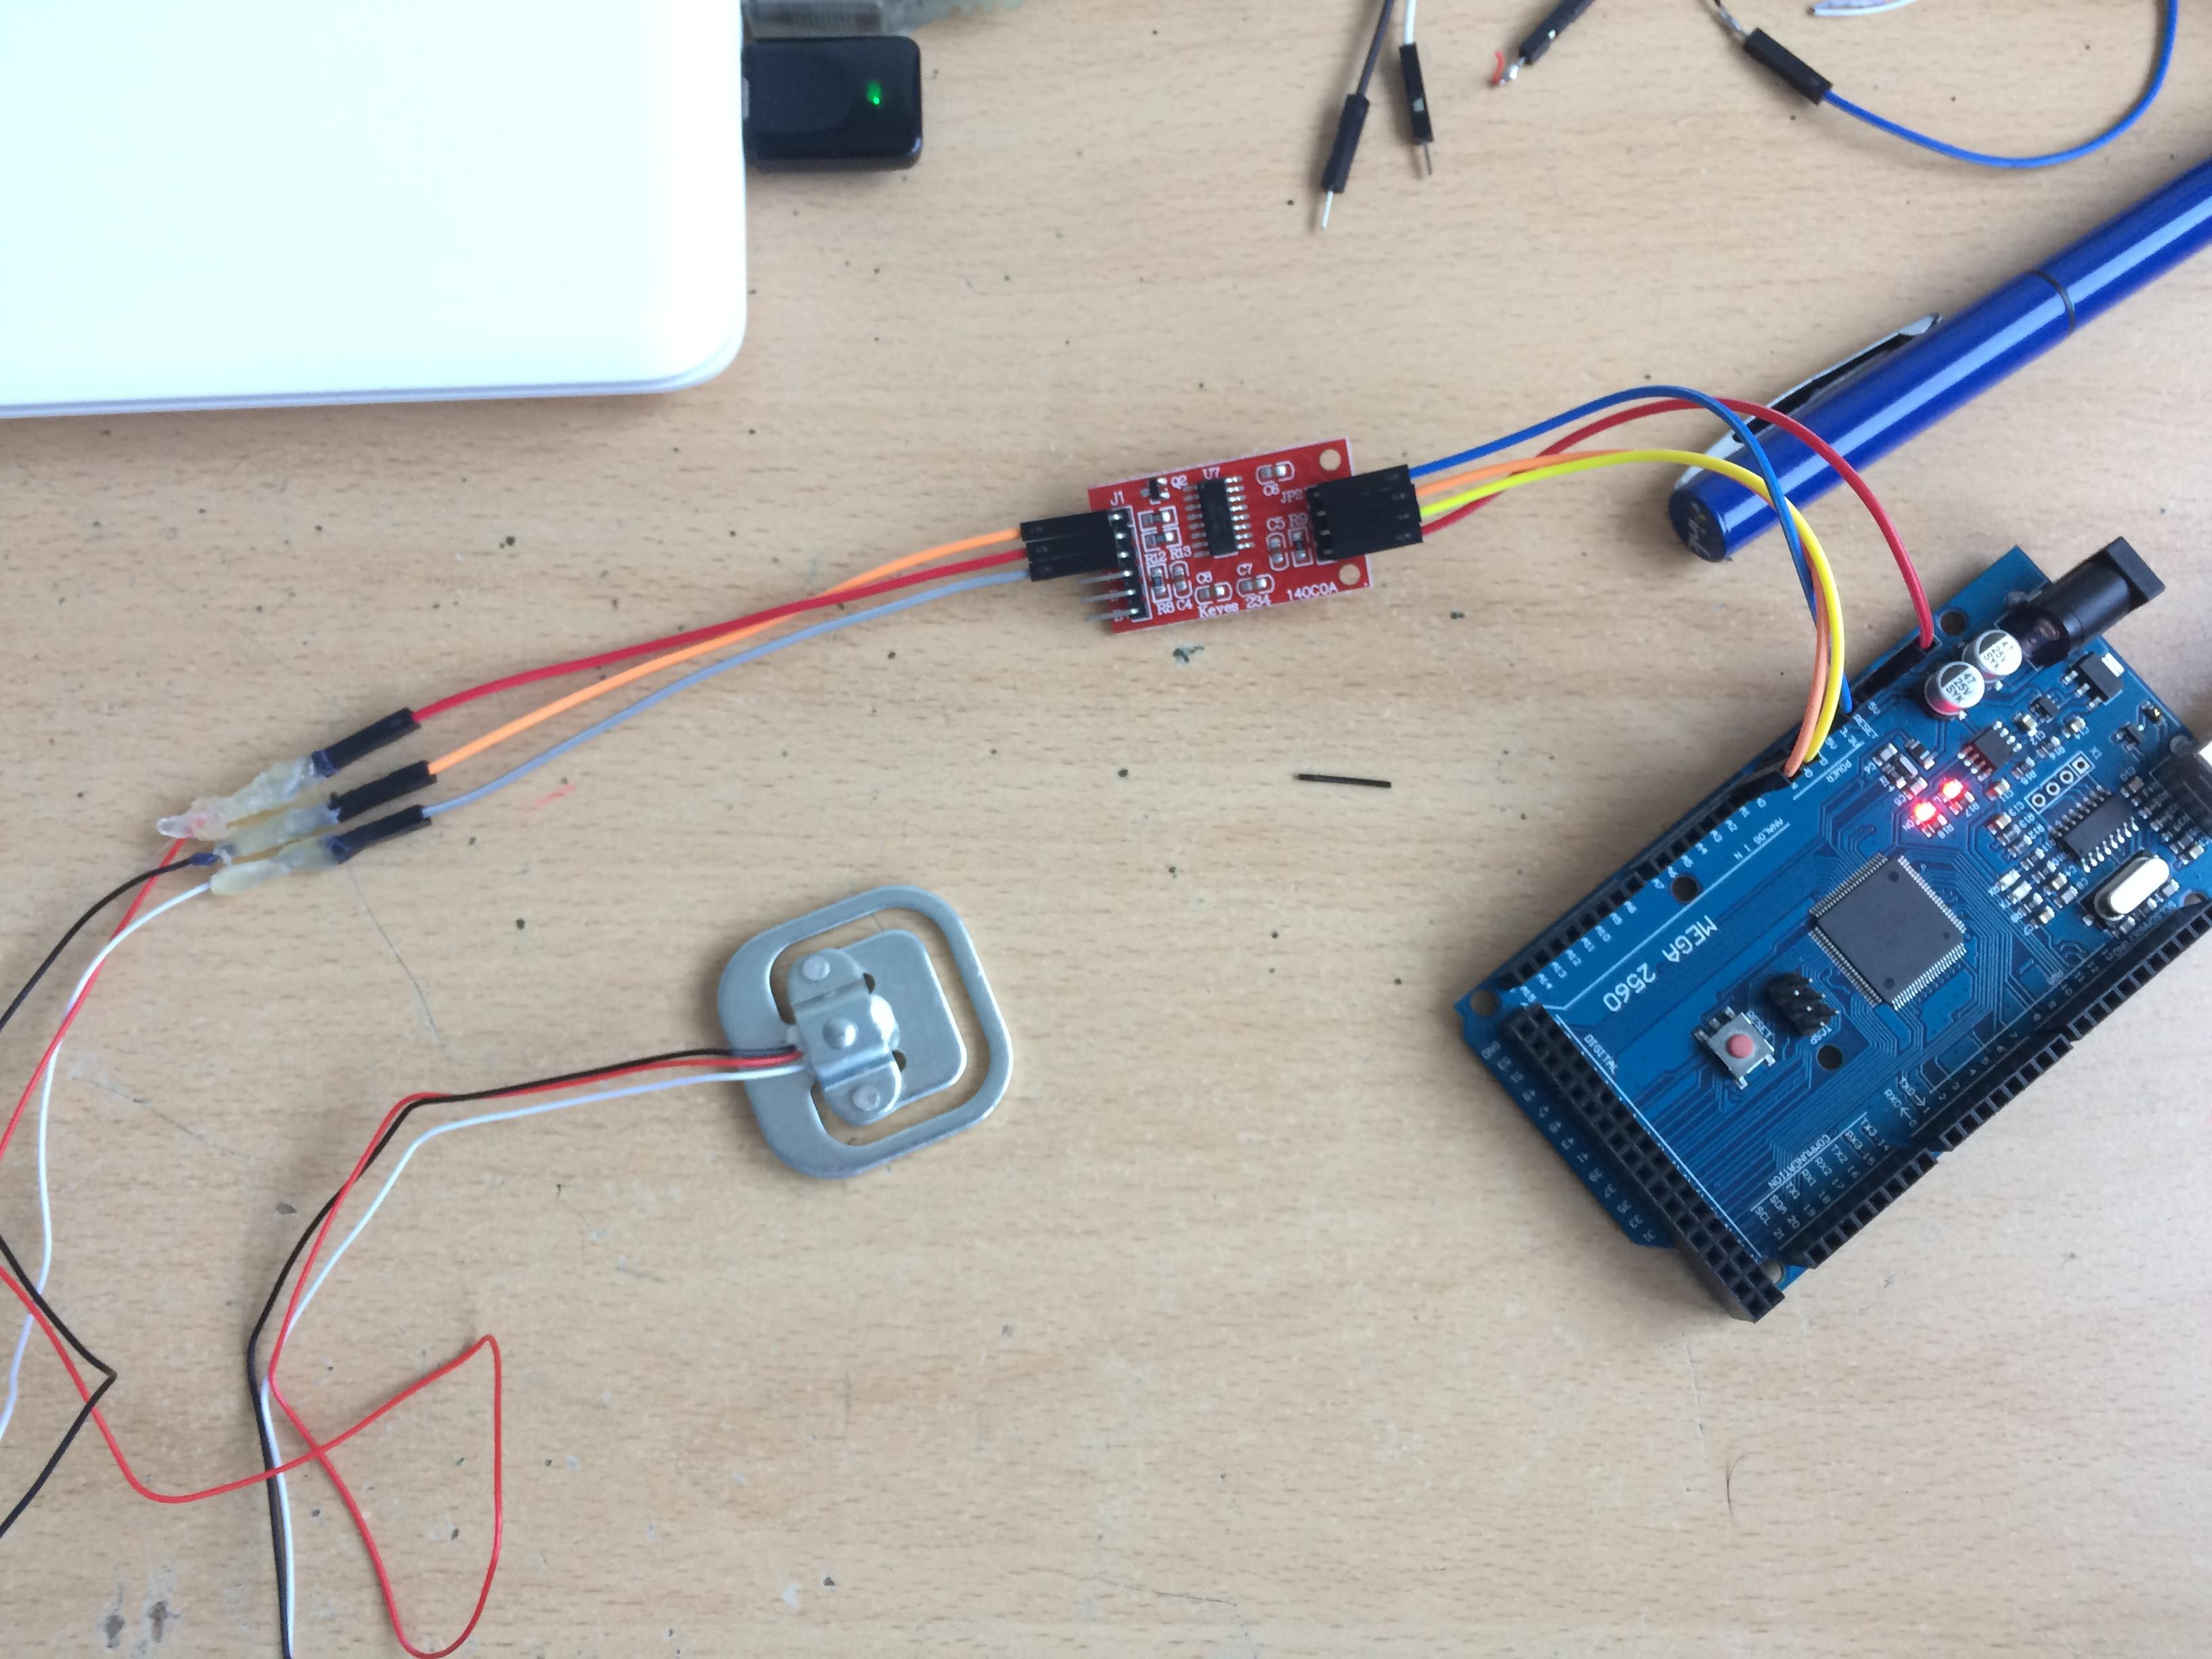 Problème avec capteur et amplificateur de signal